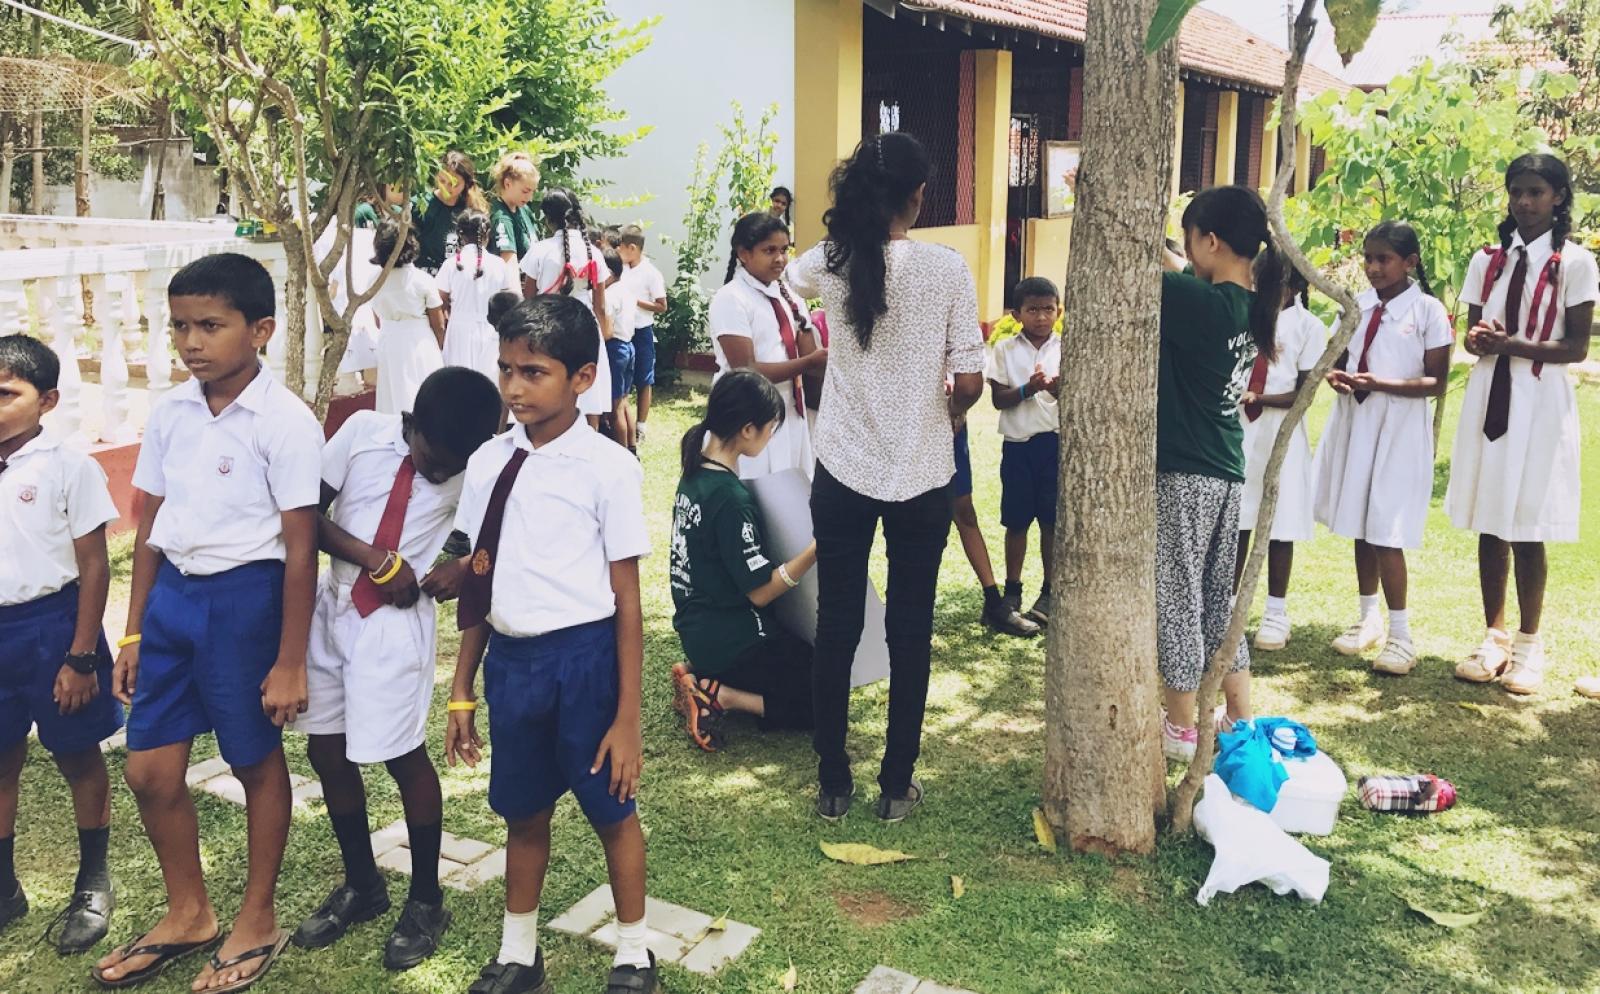 スリランカの学校で保健衛生指導にあたる高校生医療ボランティア那須馨華さん